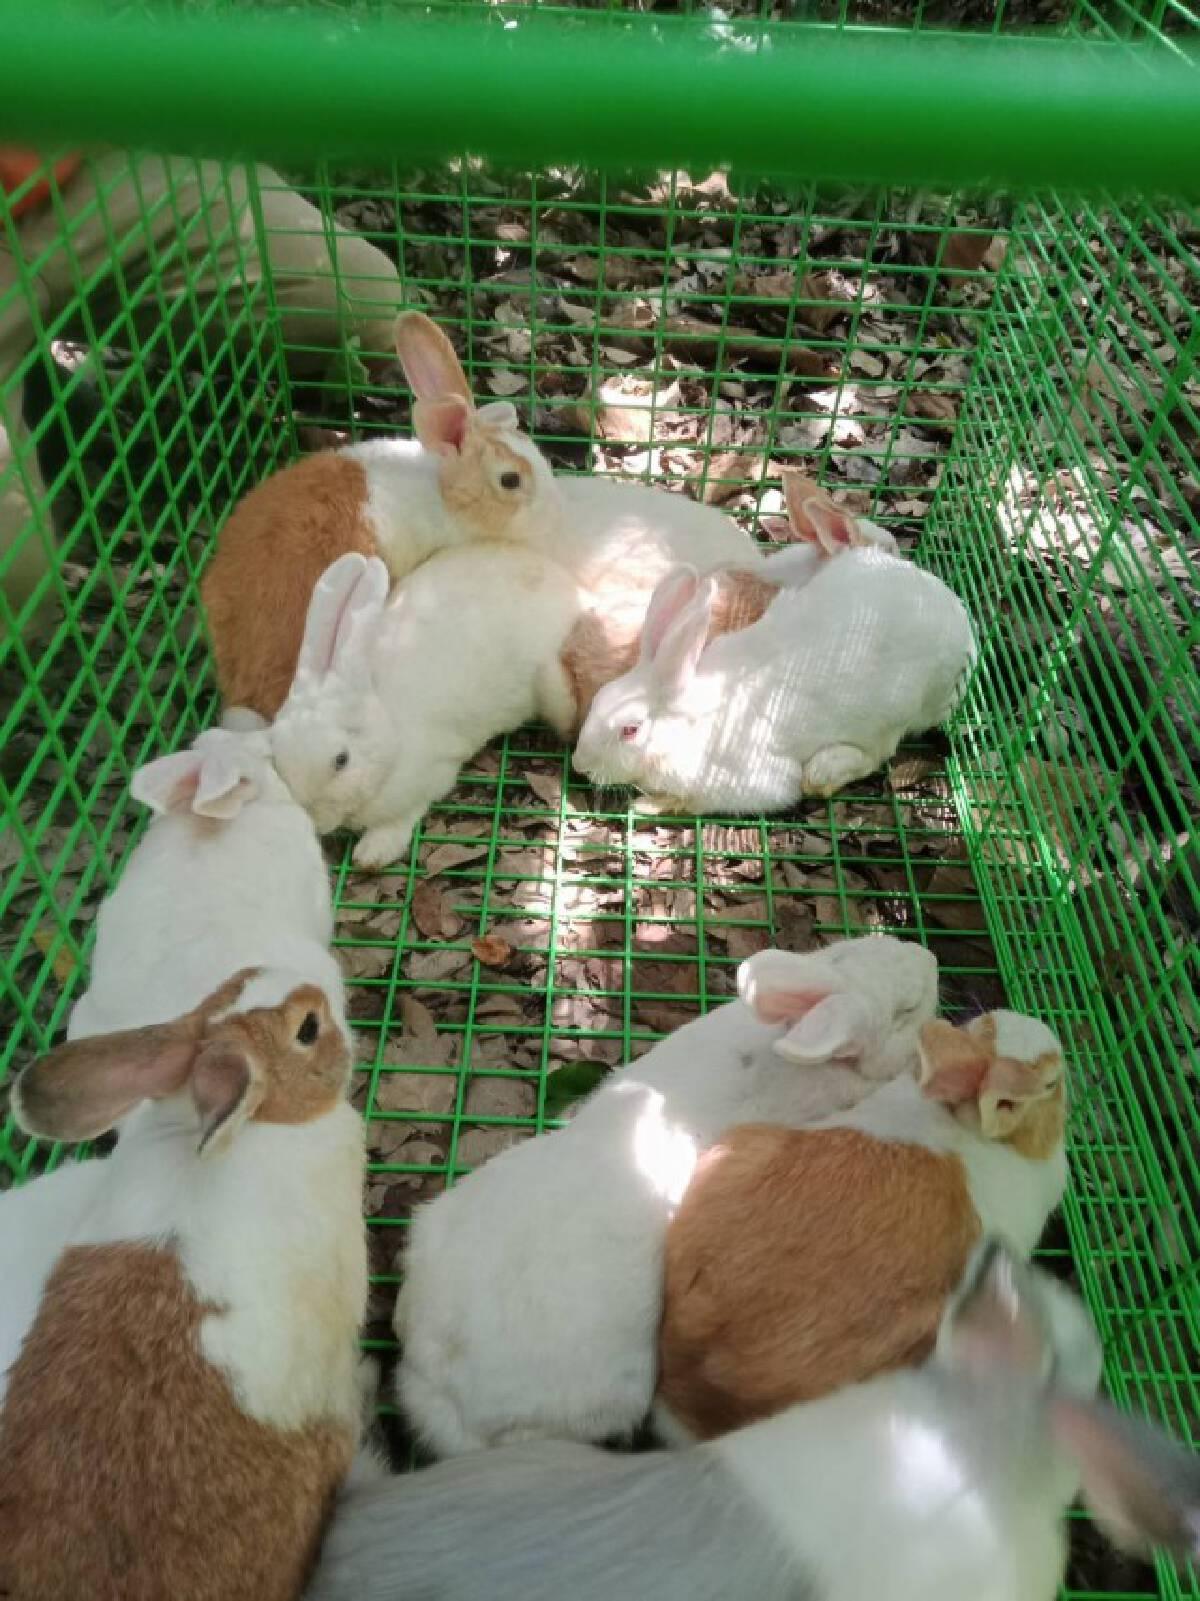 ถูกพิษโควิด-ทิ้งกระต่ายในบ้านร้าง